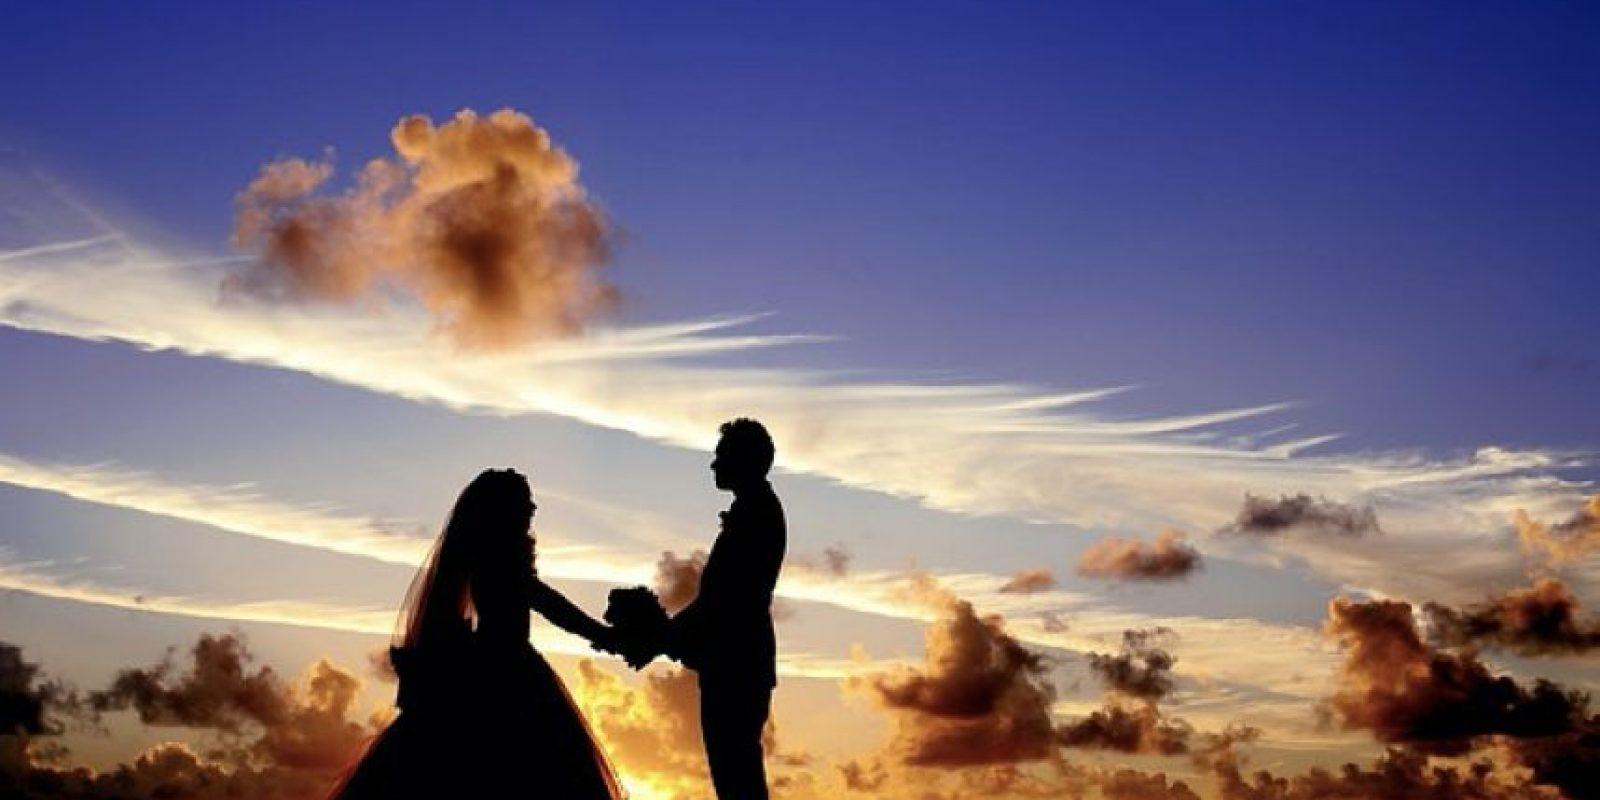 Para los adultos jóvenes que ya habían salido de esa primera relación, tanto los hombres y las mujeres sintieron refuerzos emocionales similares al mudarse con su segunda pareja o al casarse con ellos. Foto:Pixabay. Imagen Por: